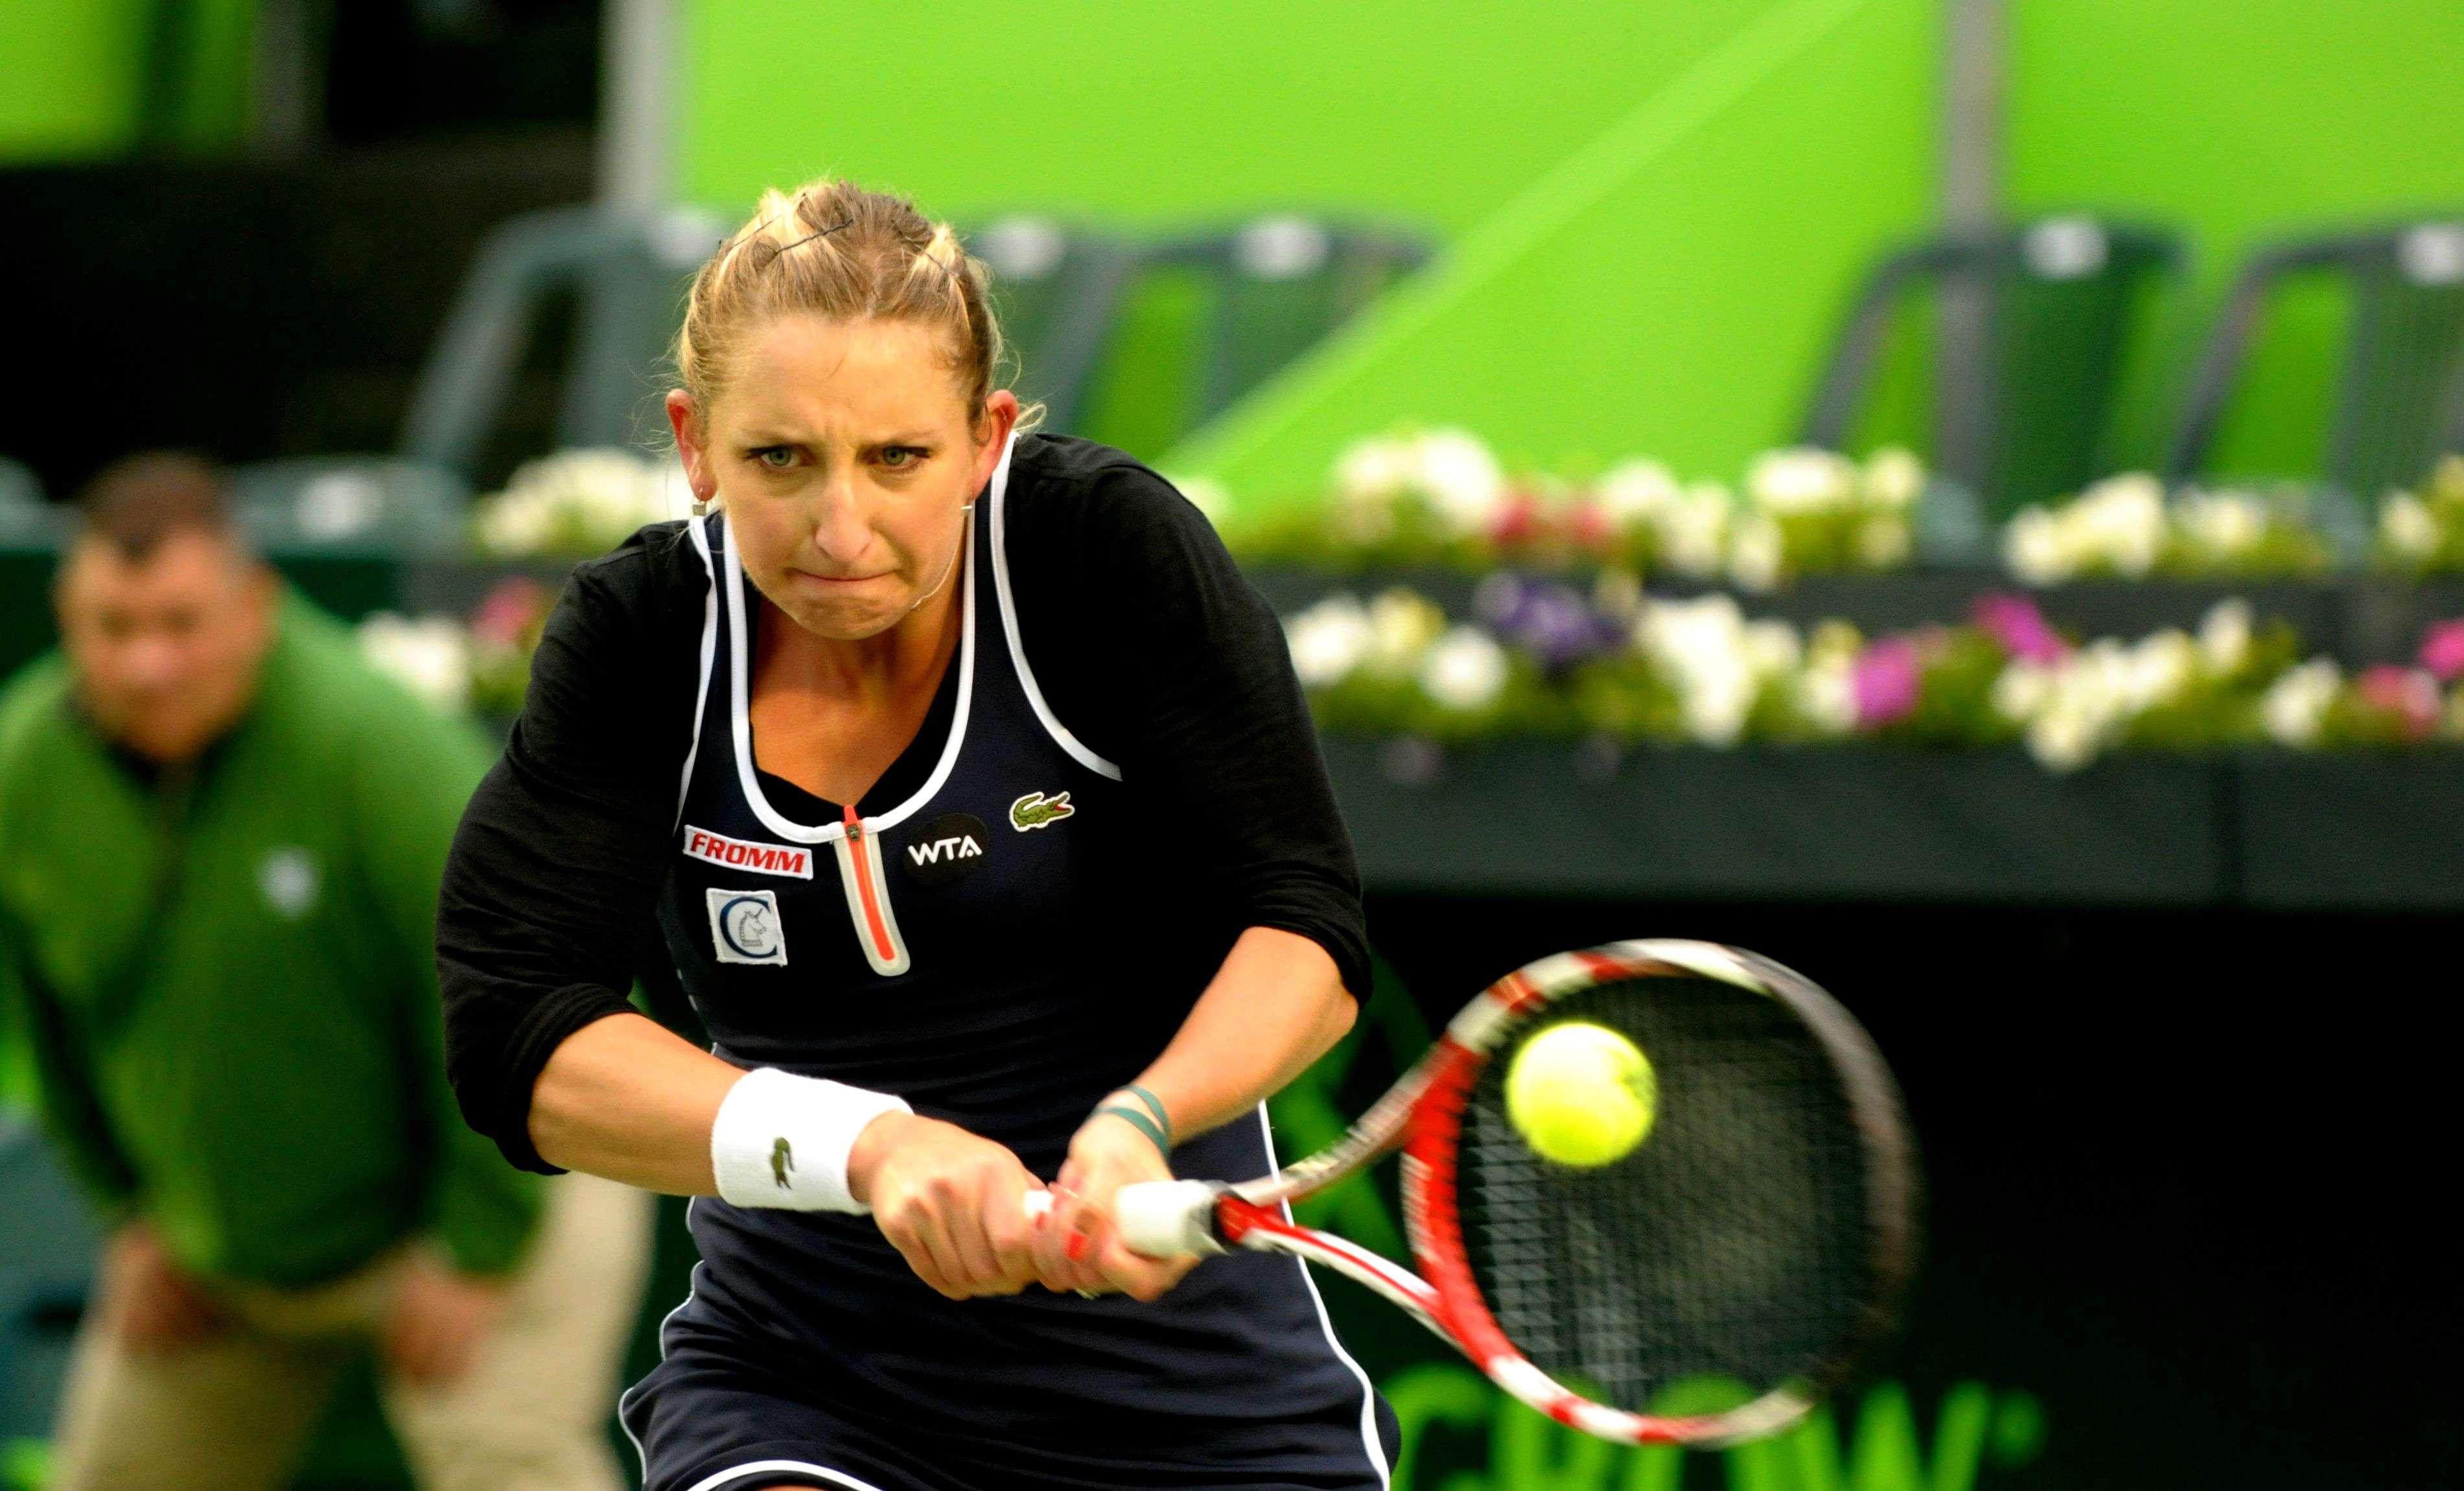 Timea Bacsinszky venció 4-6, 6-4 y 6-4 a Lesia Tsurenko.en el Abierto de Tenis Monterrey. Foto: Emilio López/Terra